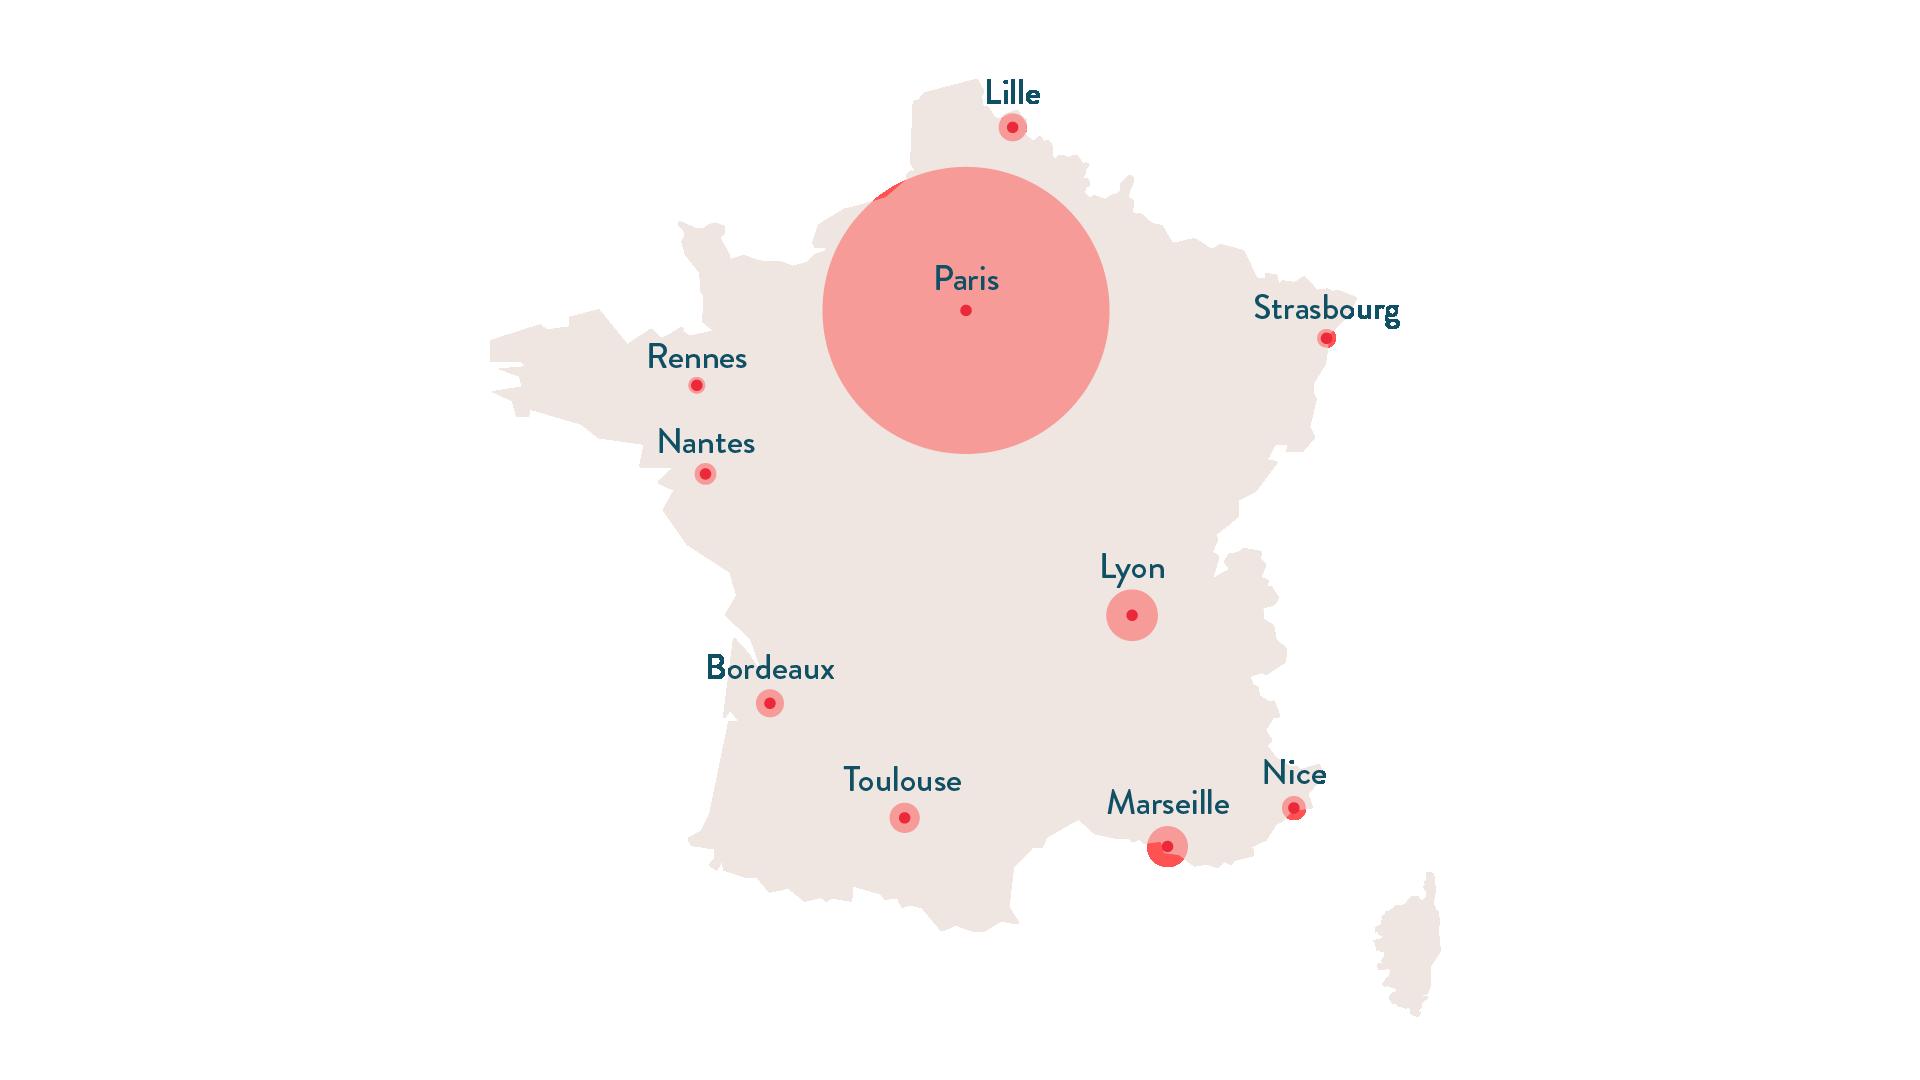 Les dix premières aires urbaines de France